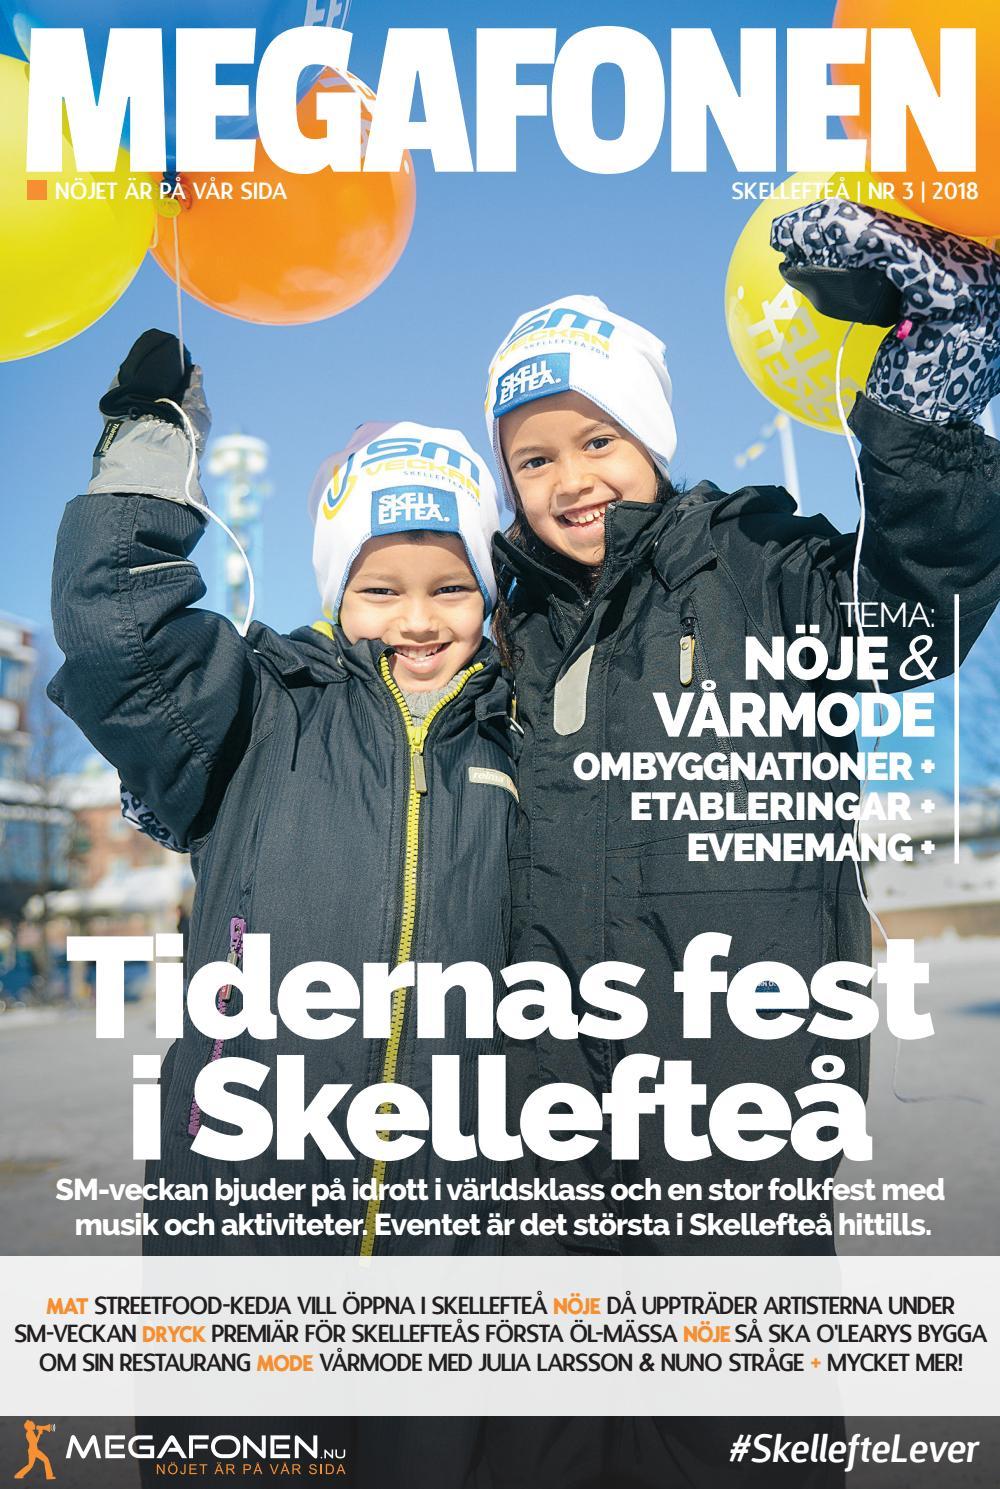 Skelleftedomare till VM - P4 Vsterbotten | Sveriges Radio